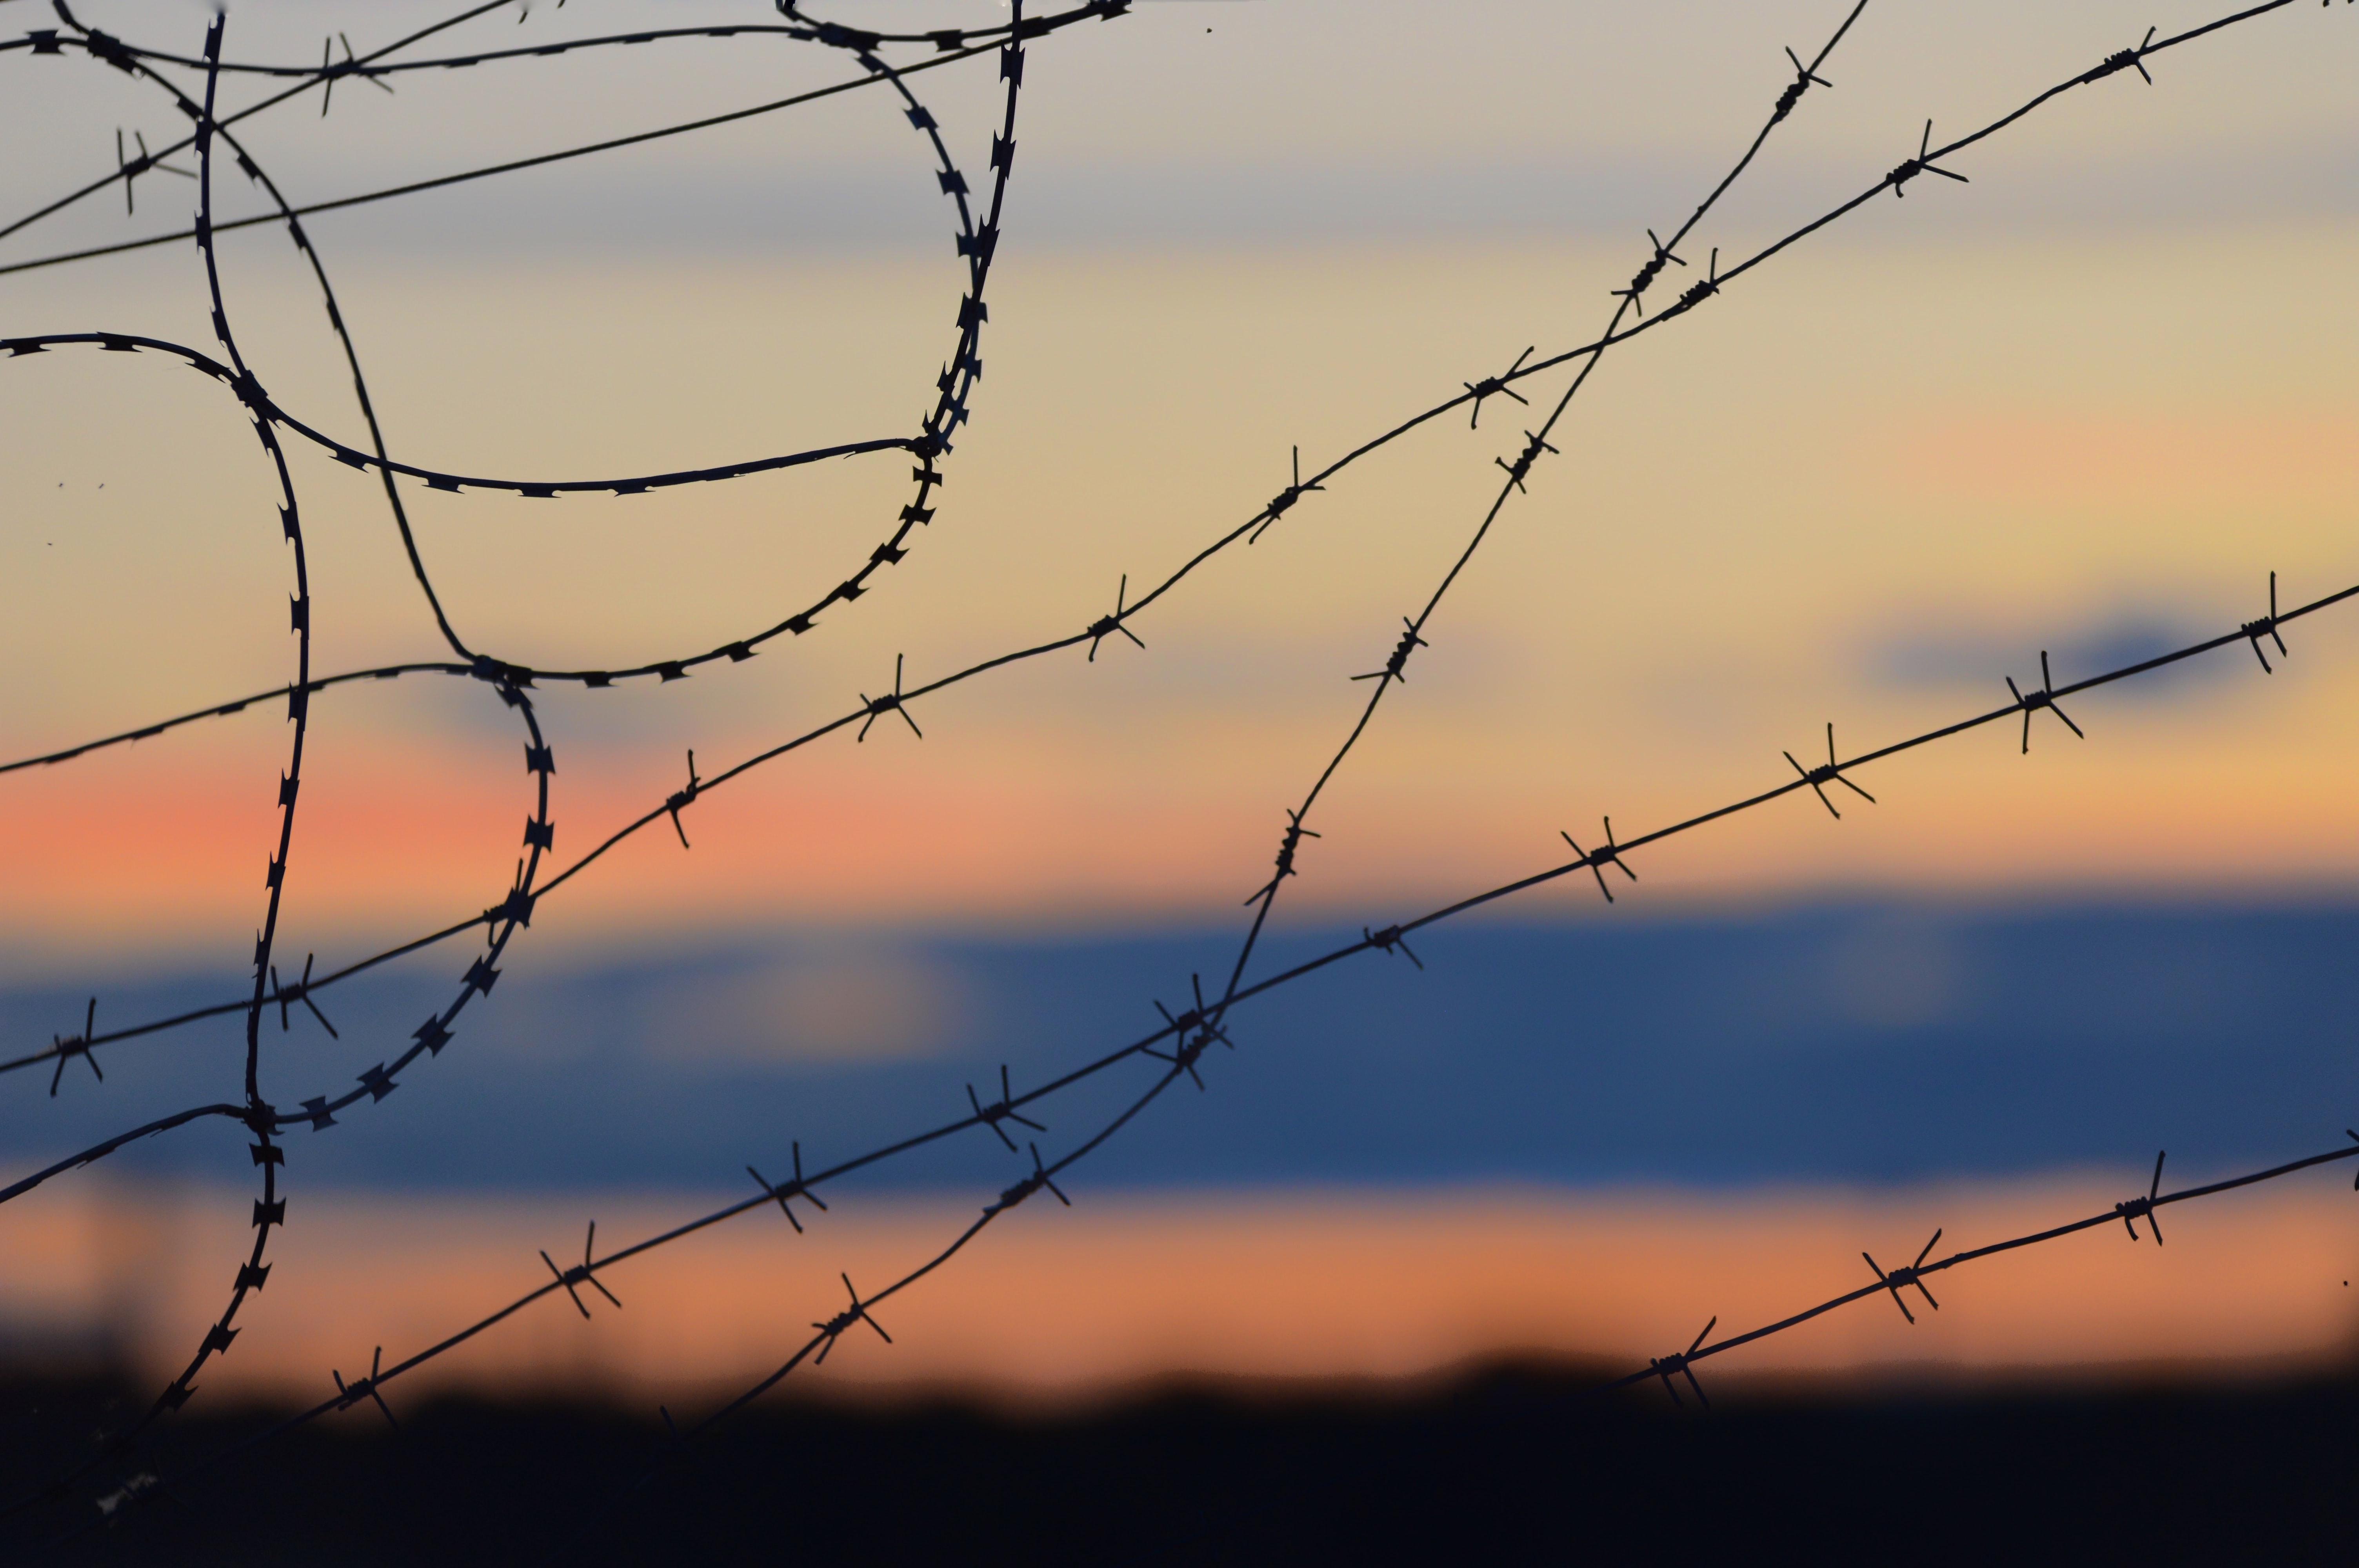 העקבות והצלקות שהותירו המלחמות בטבע הישראלי